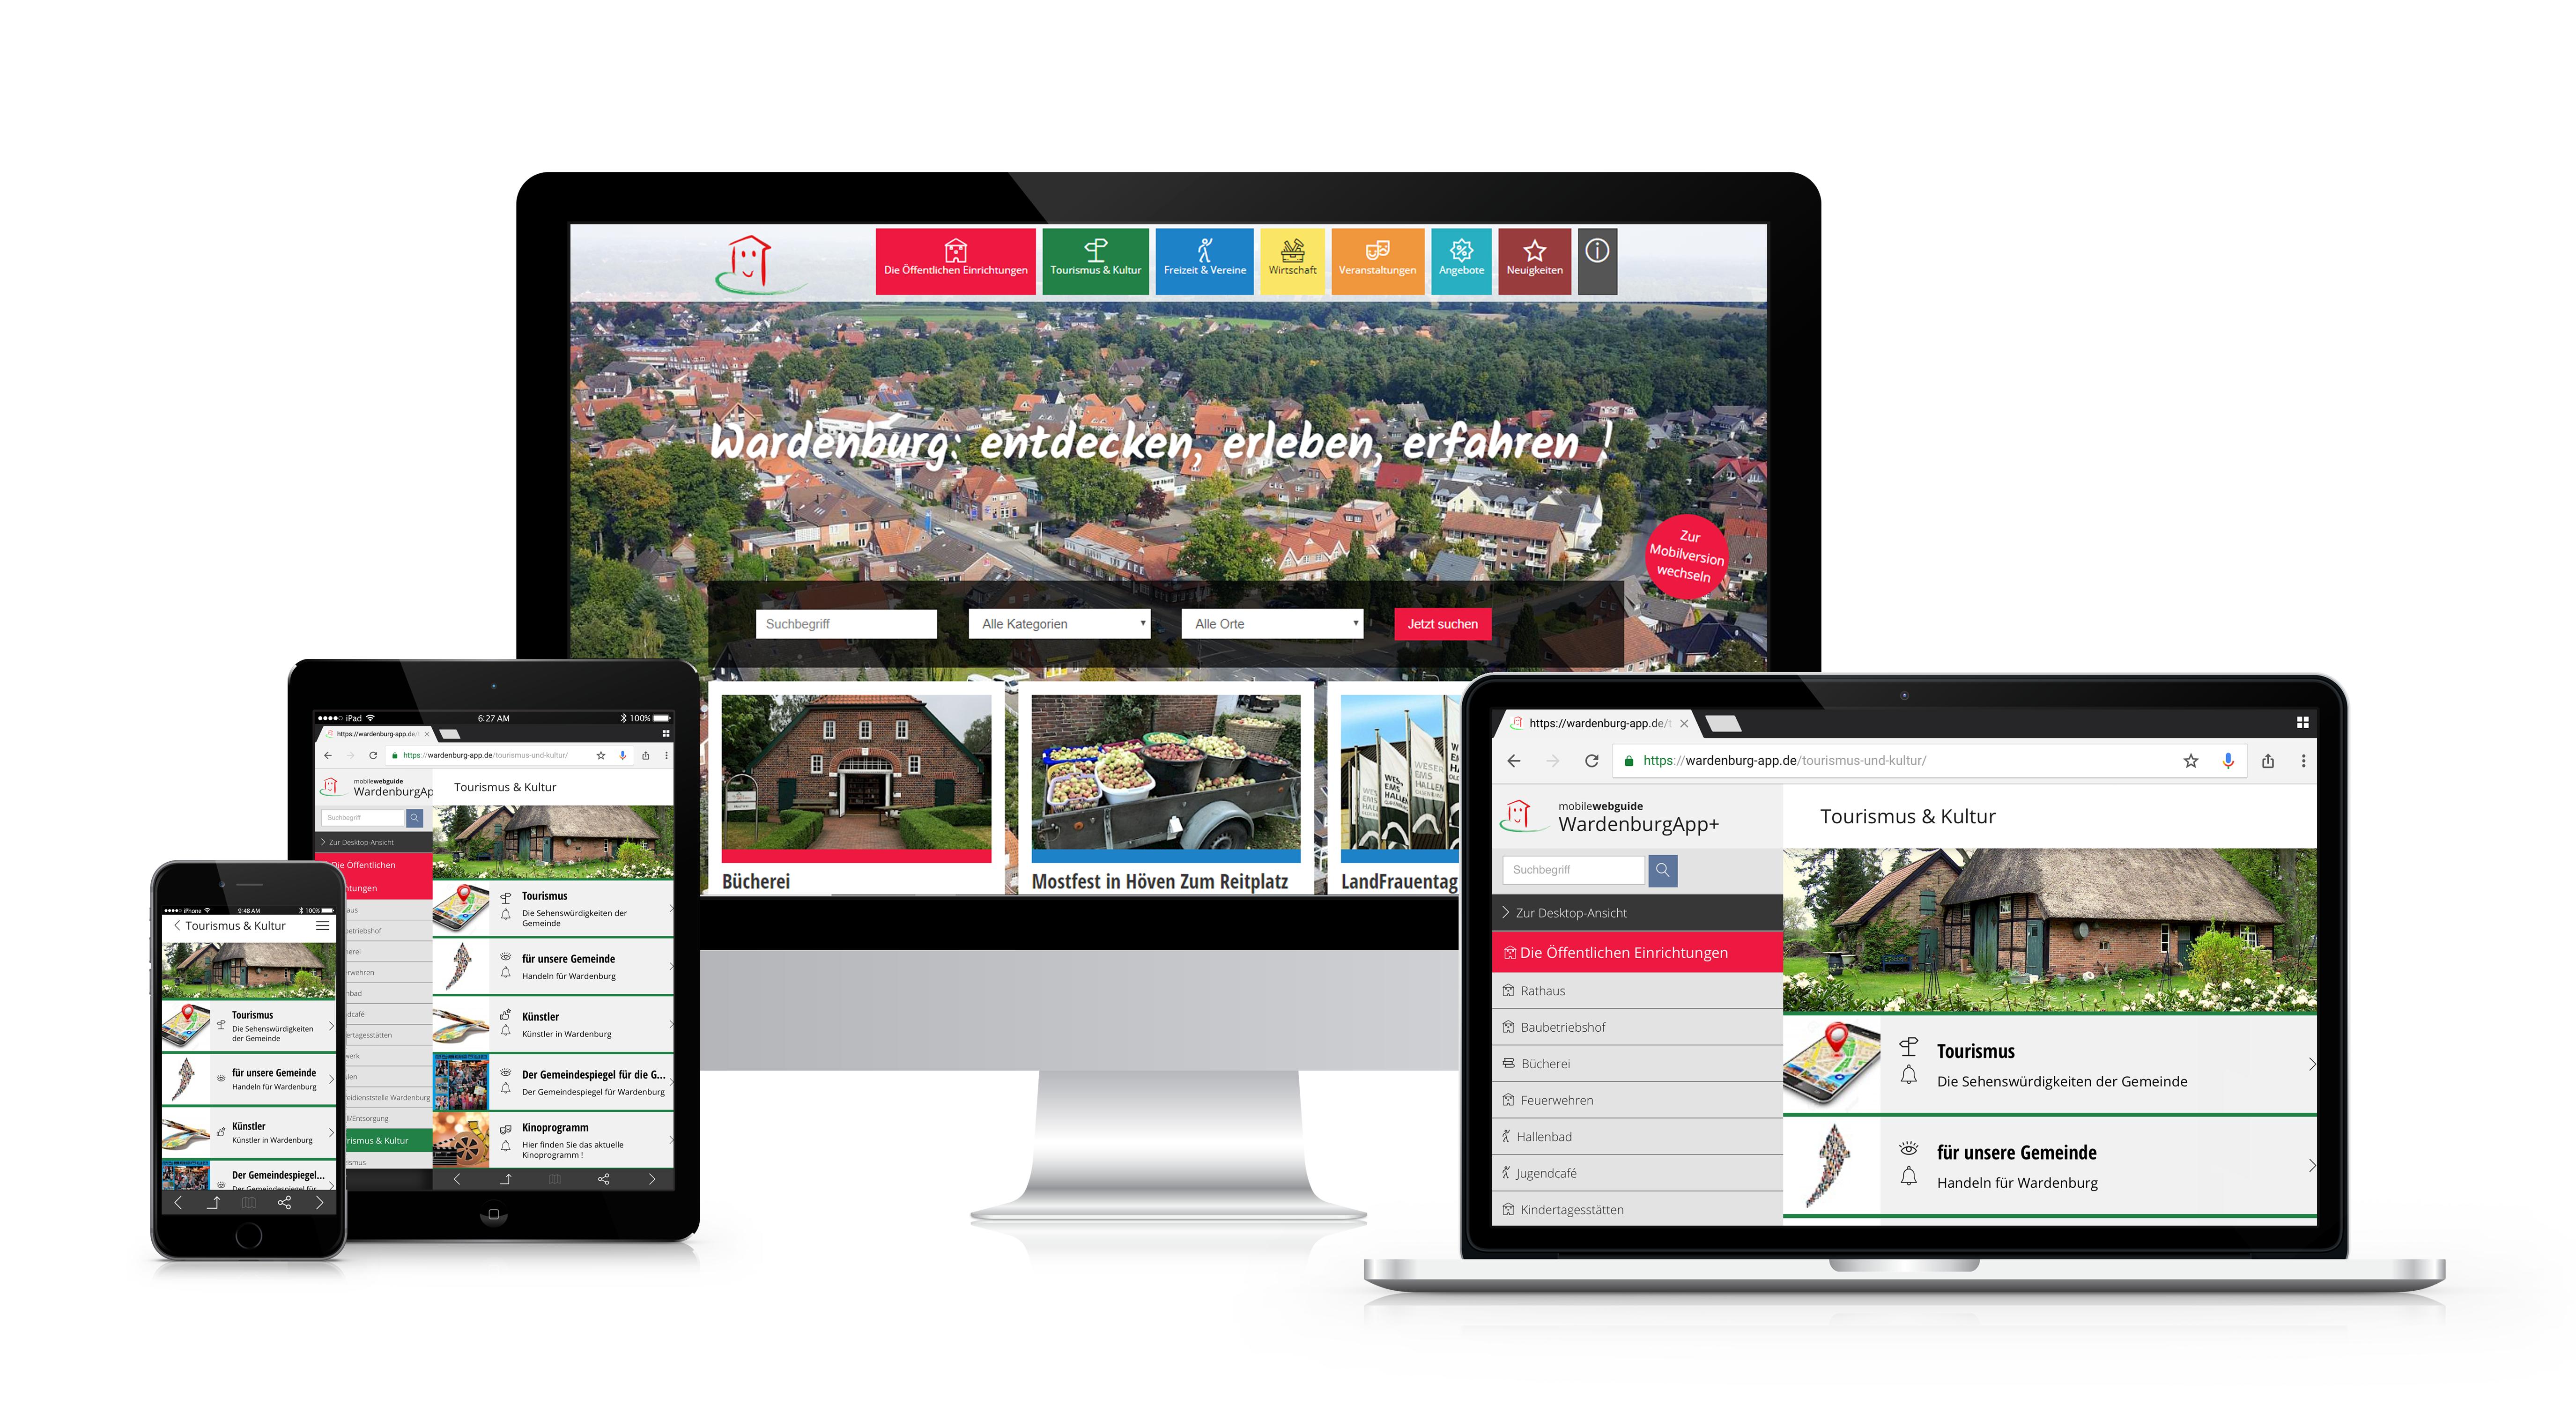 Gemeinde App oder Bürger App für Wardenburg